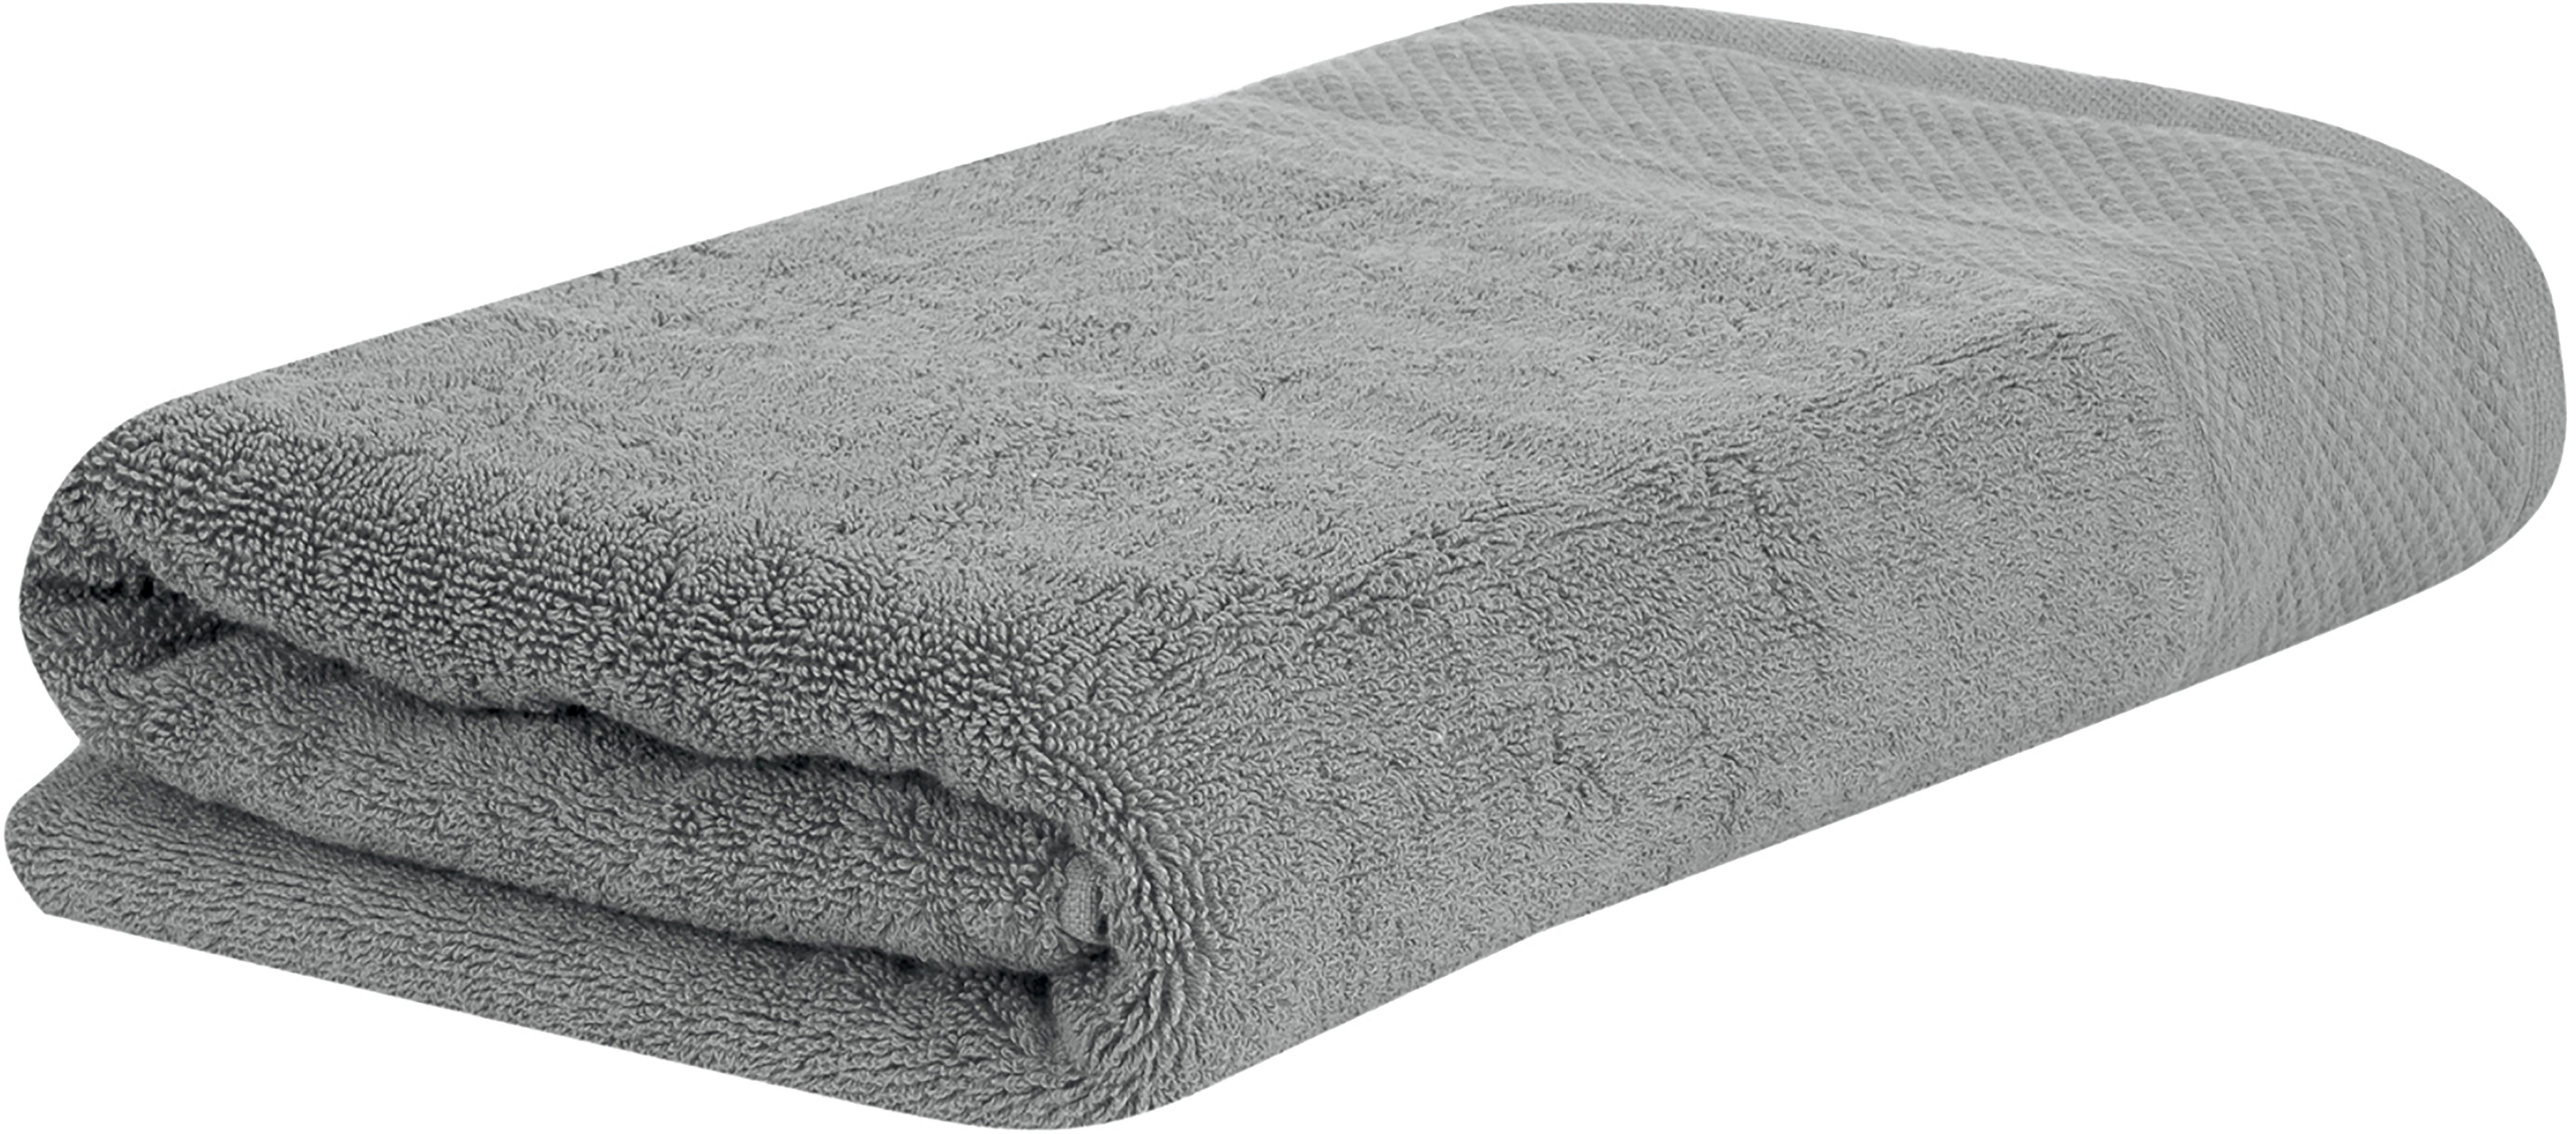 Handtuch Premium in verschiedenen Größen, mit klassischer Zierbordüre, Dunkelgrau, Handtuch